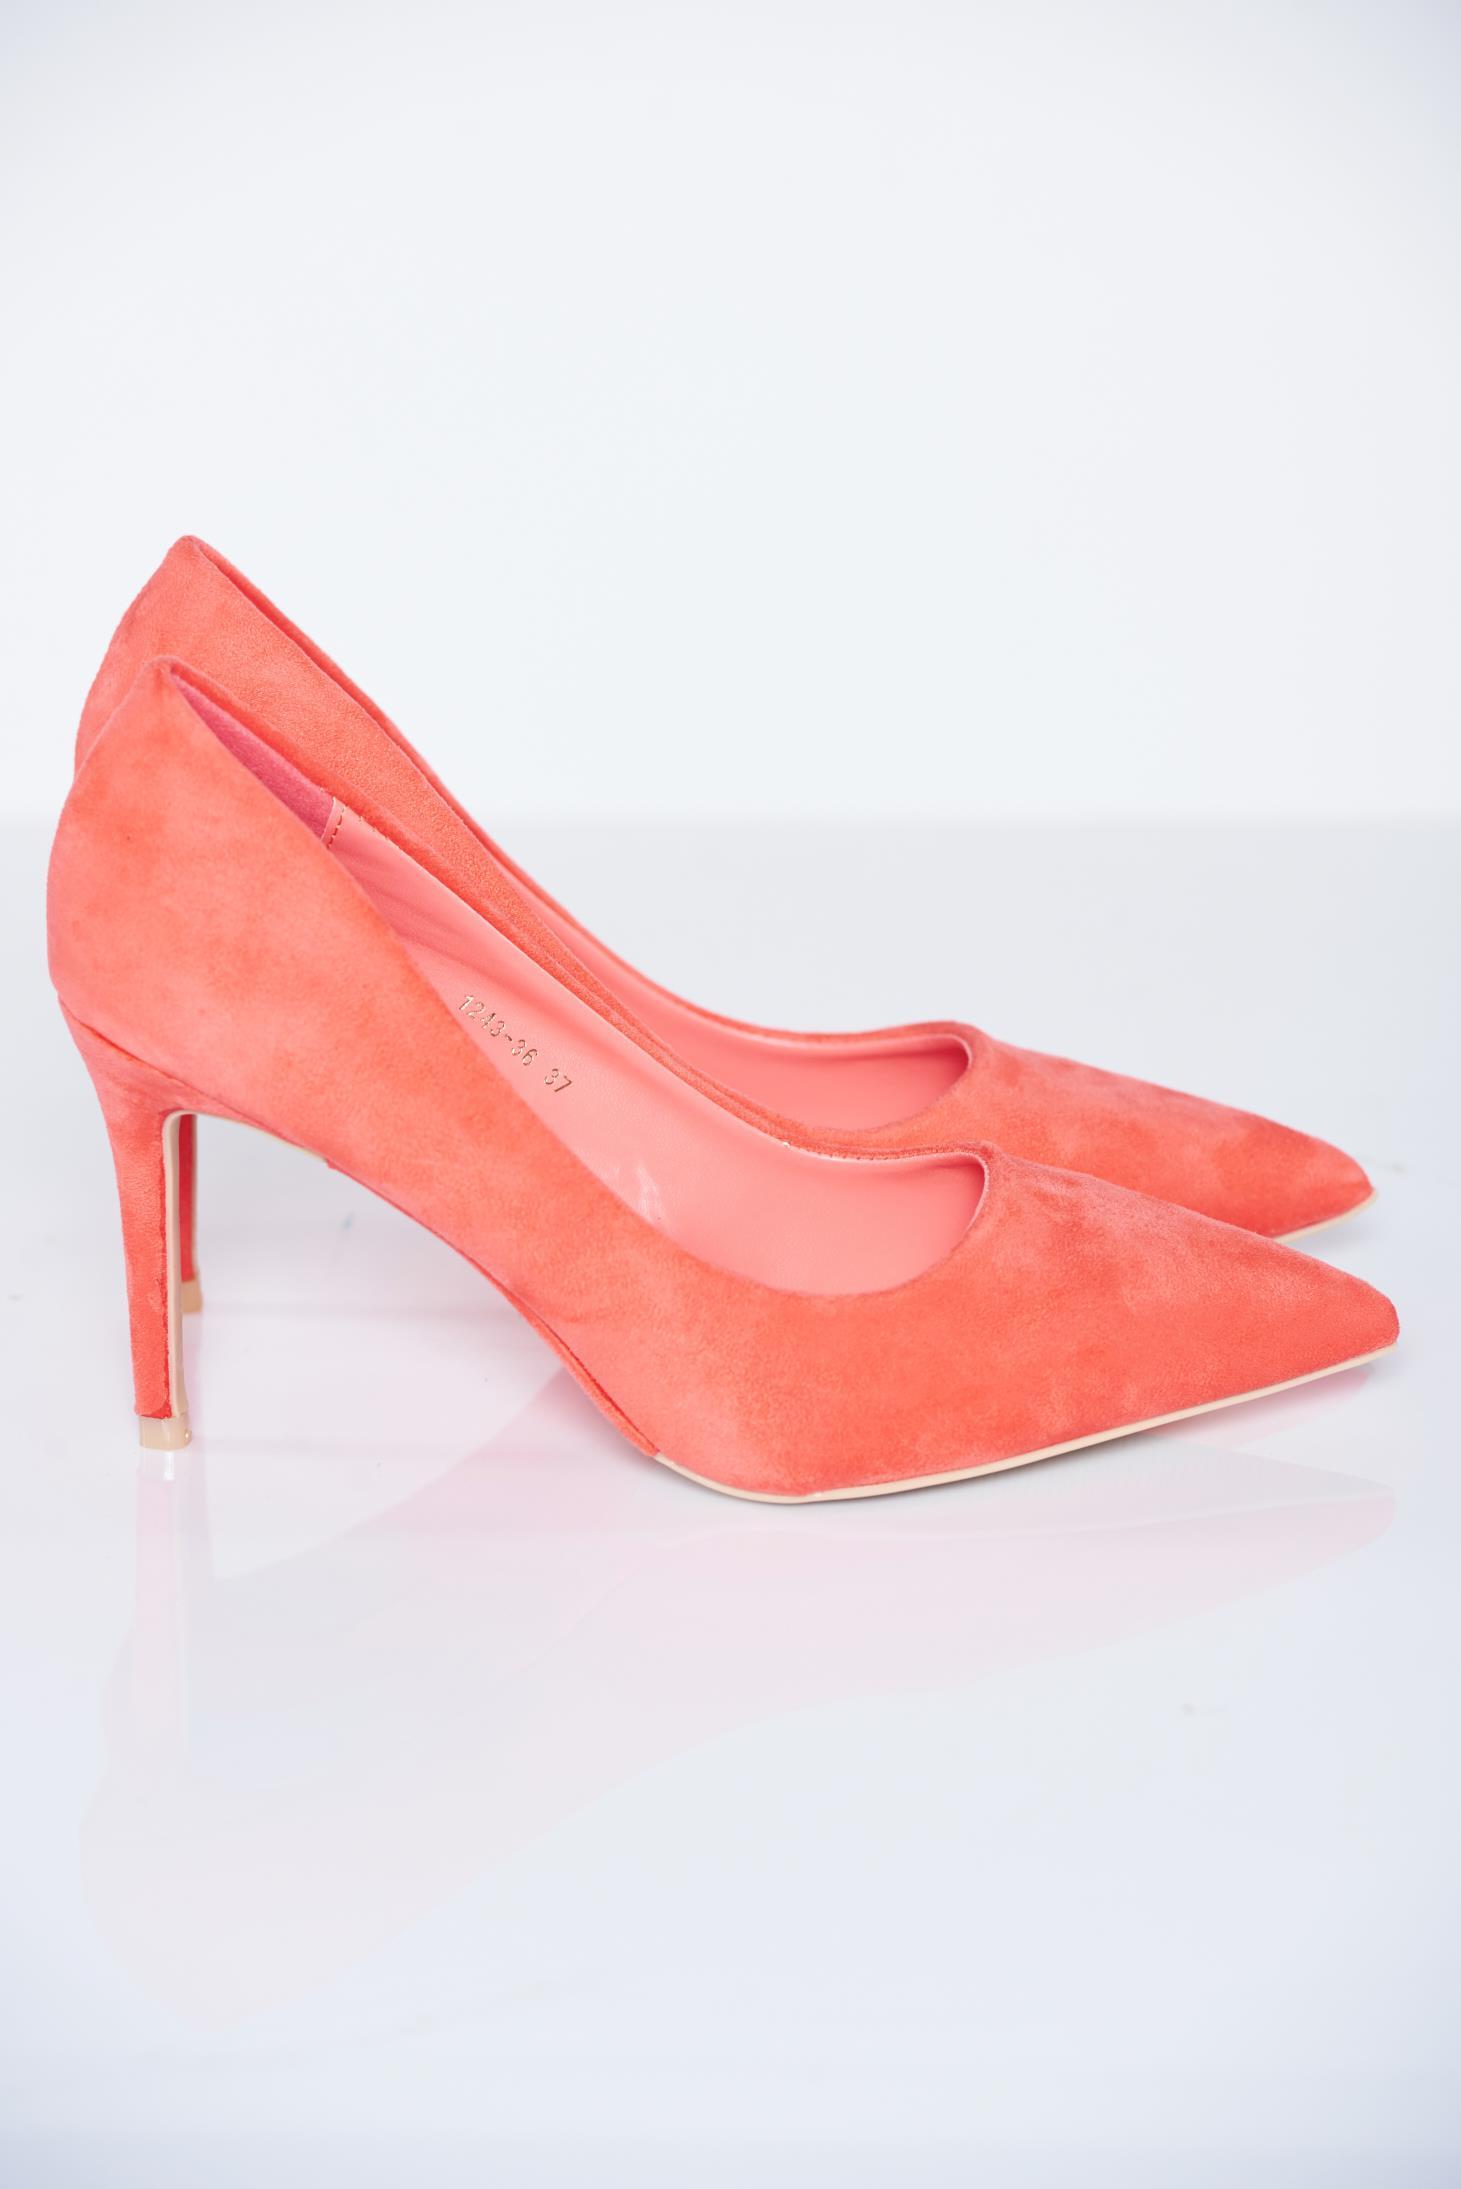 Pantofi stiletto corai eleganti cu toc inalt din piele ecologica